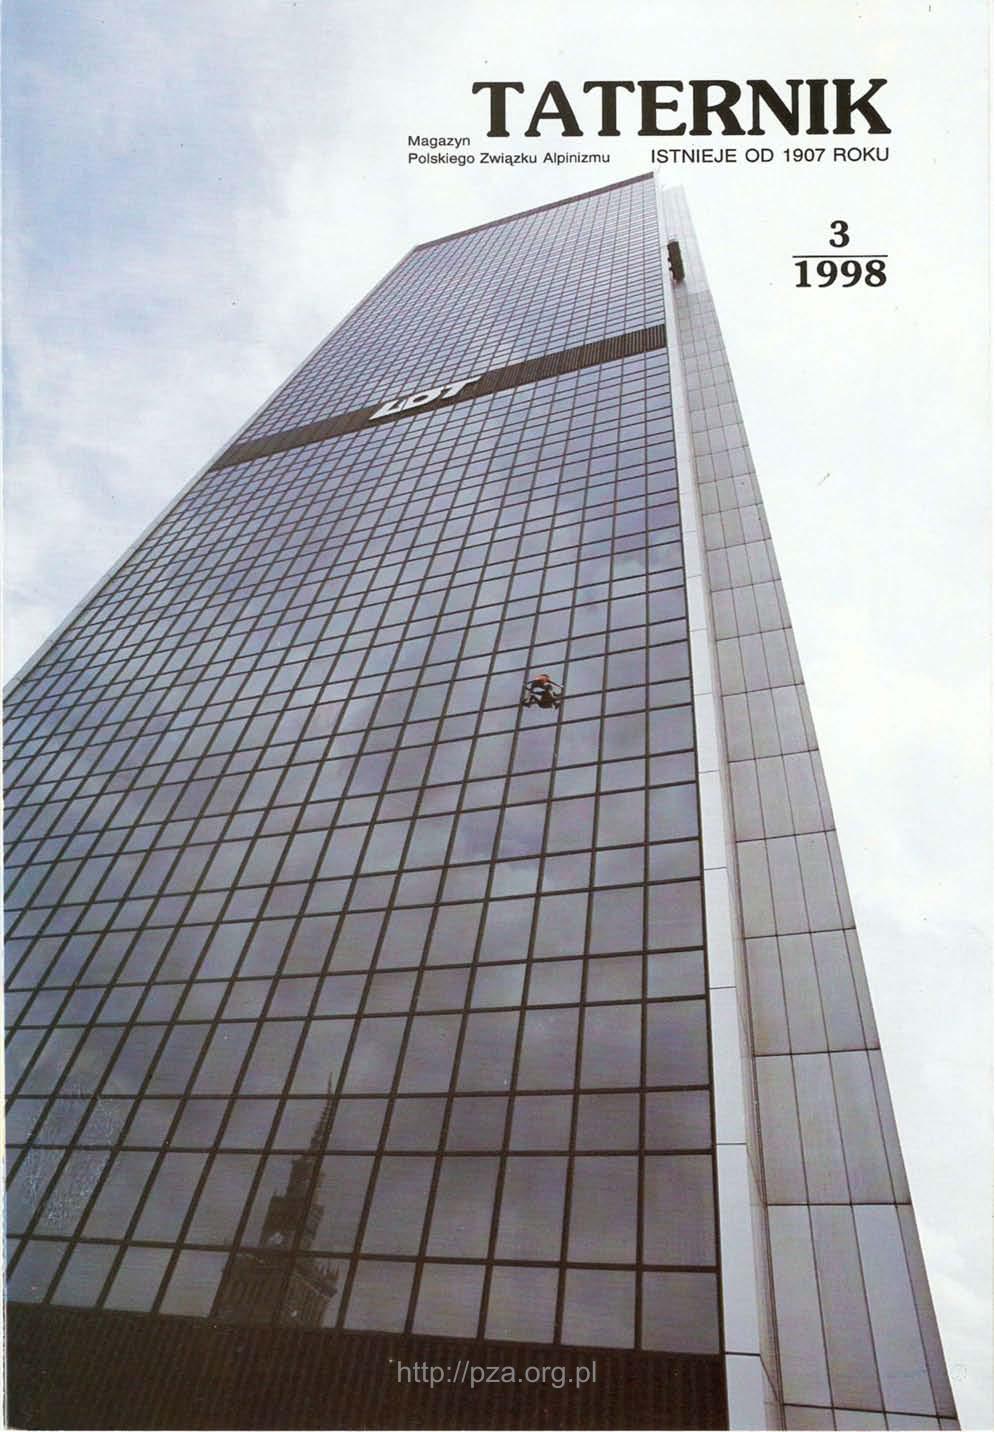 ef079345b7272 Taternik 3 1998 - Polski Związek Alpinizmu